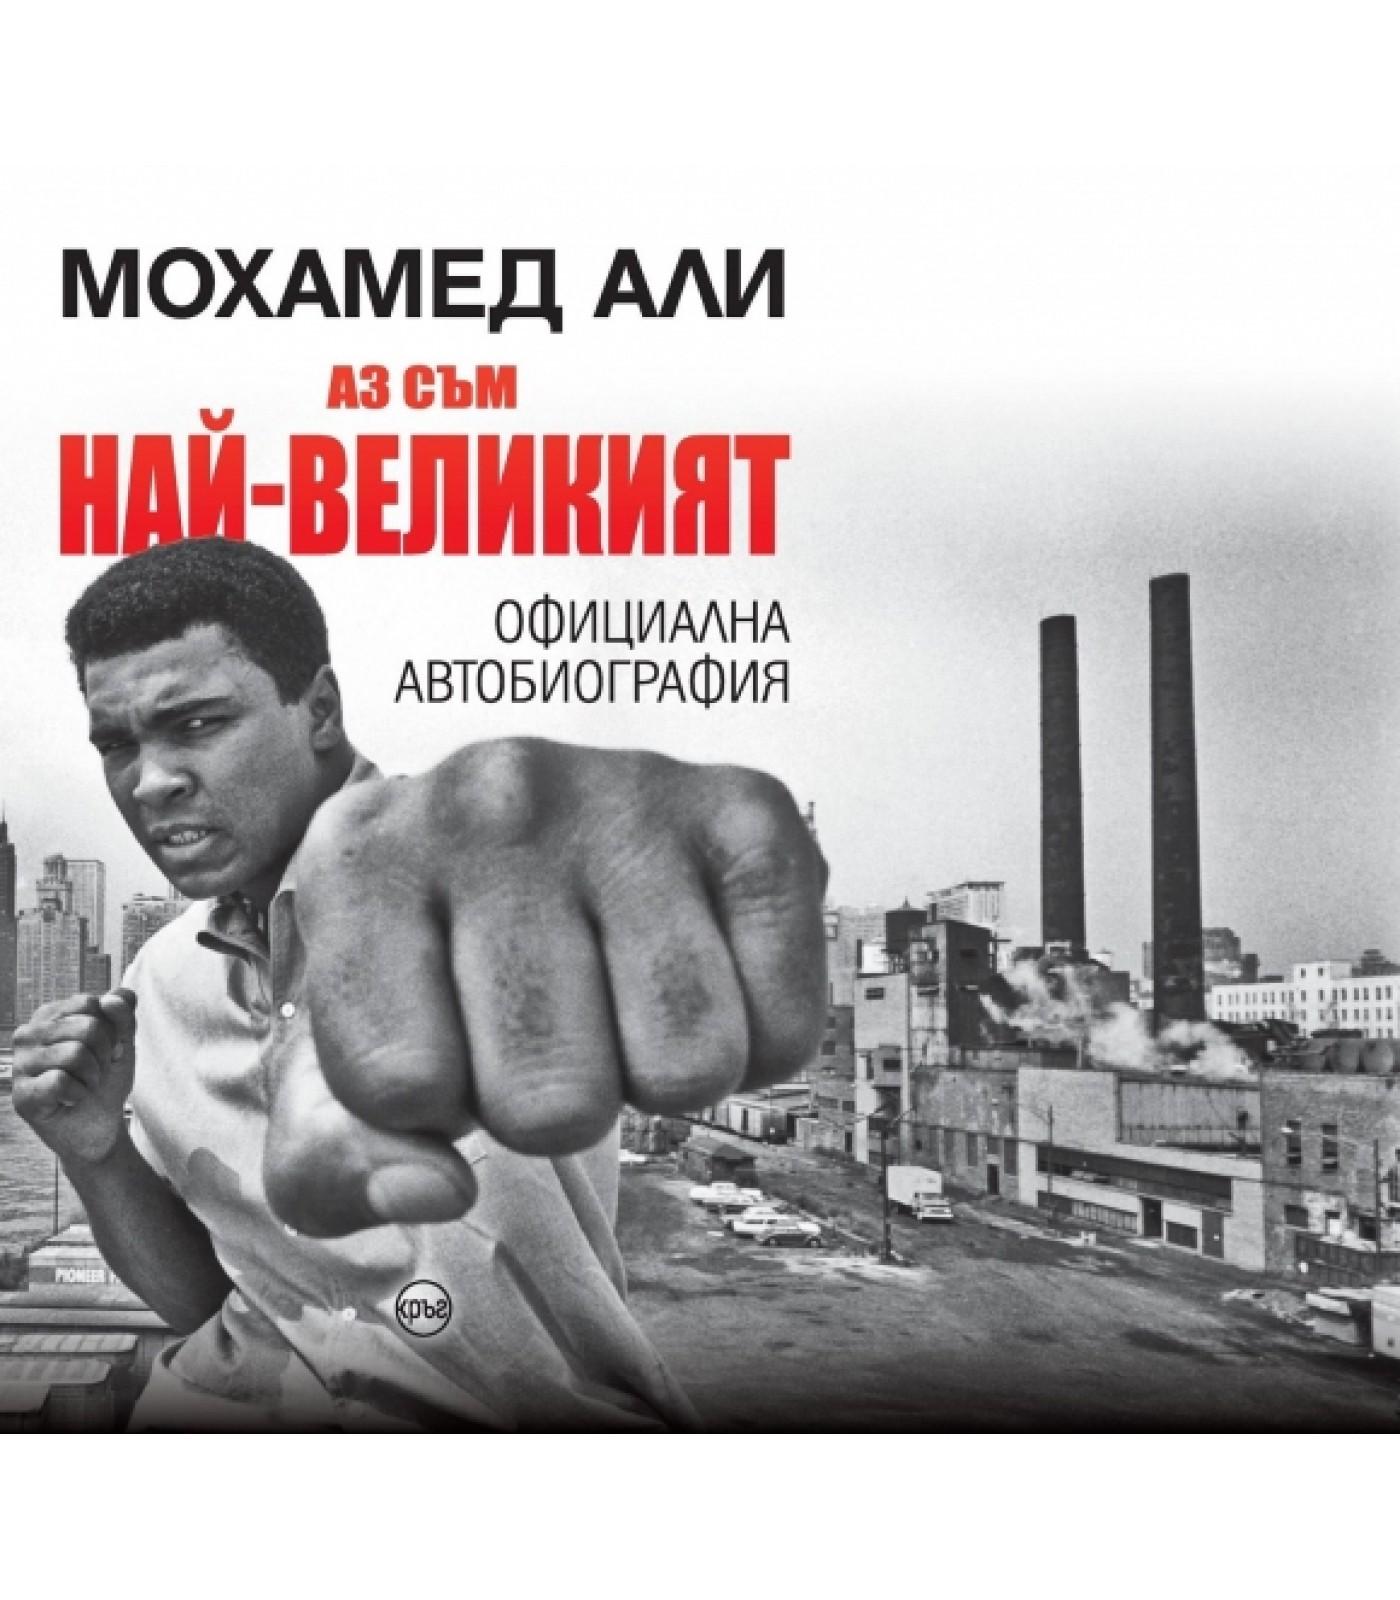 Мохамед Али - Аз съм най-великият (Автобиография)